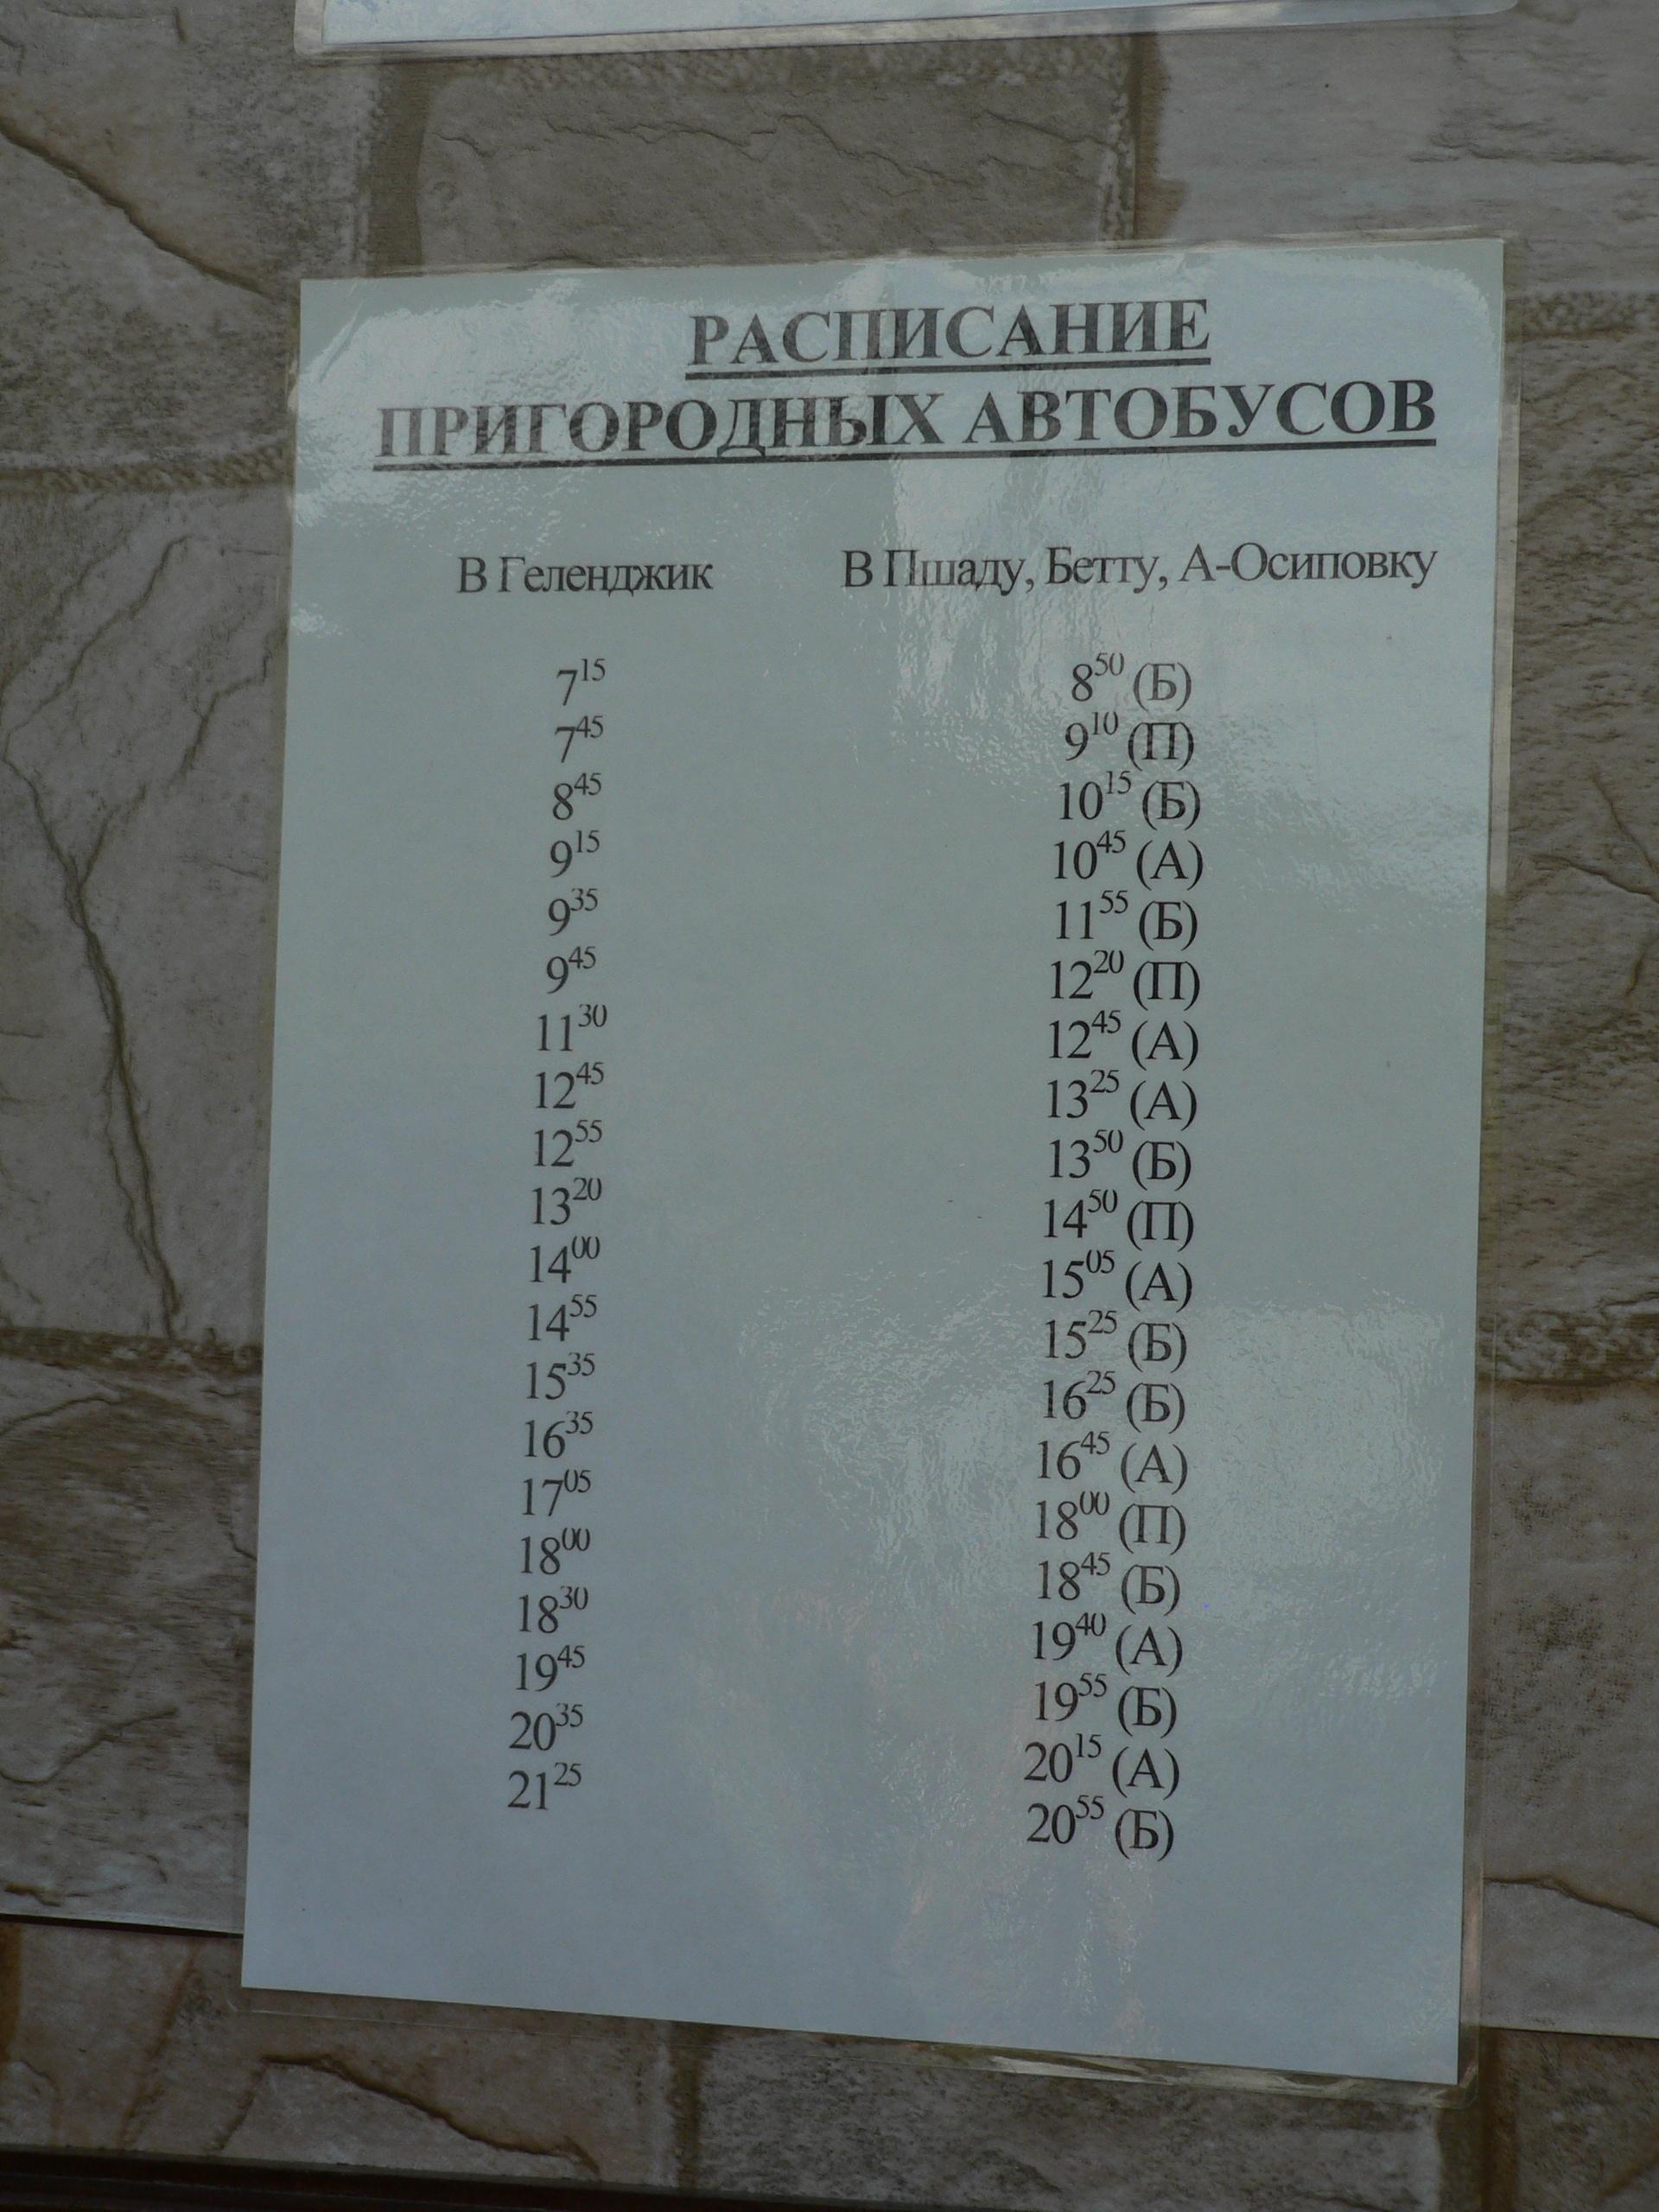 http://s2.uploads.ru/VXPB2.jpg